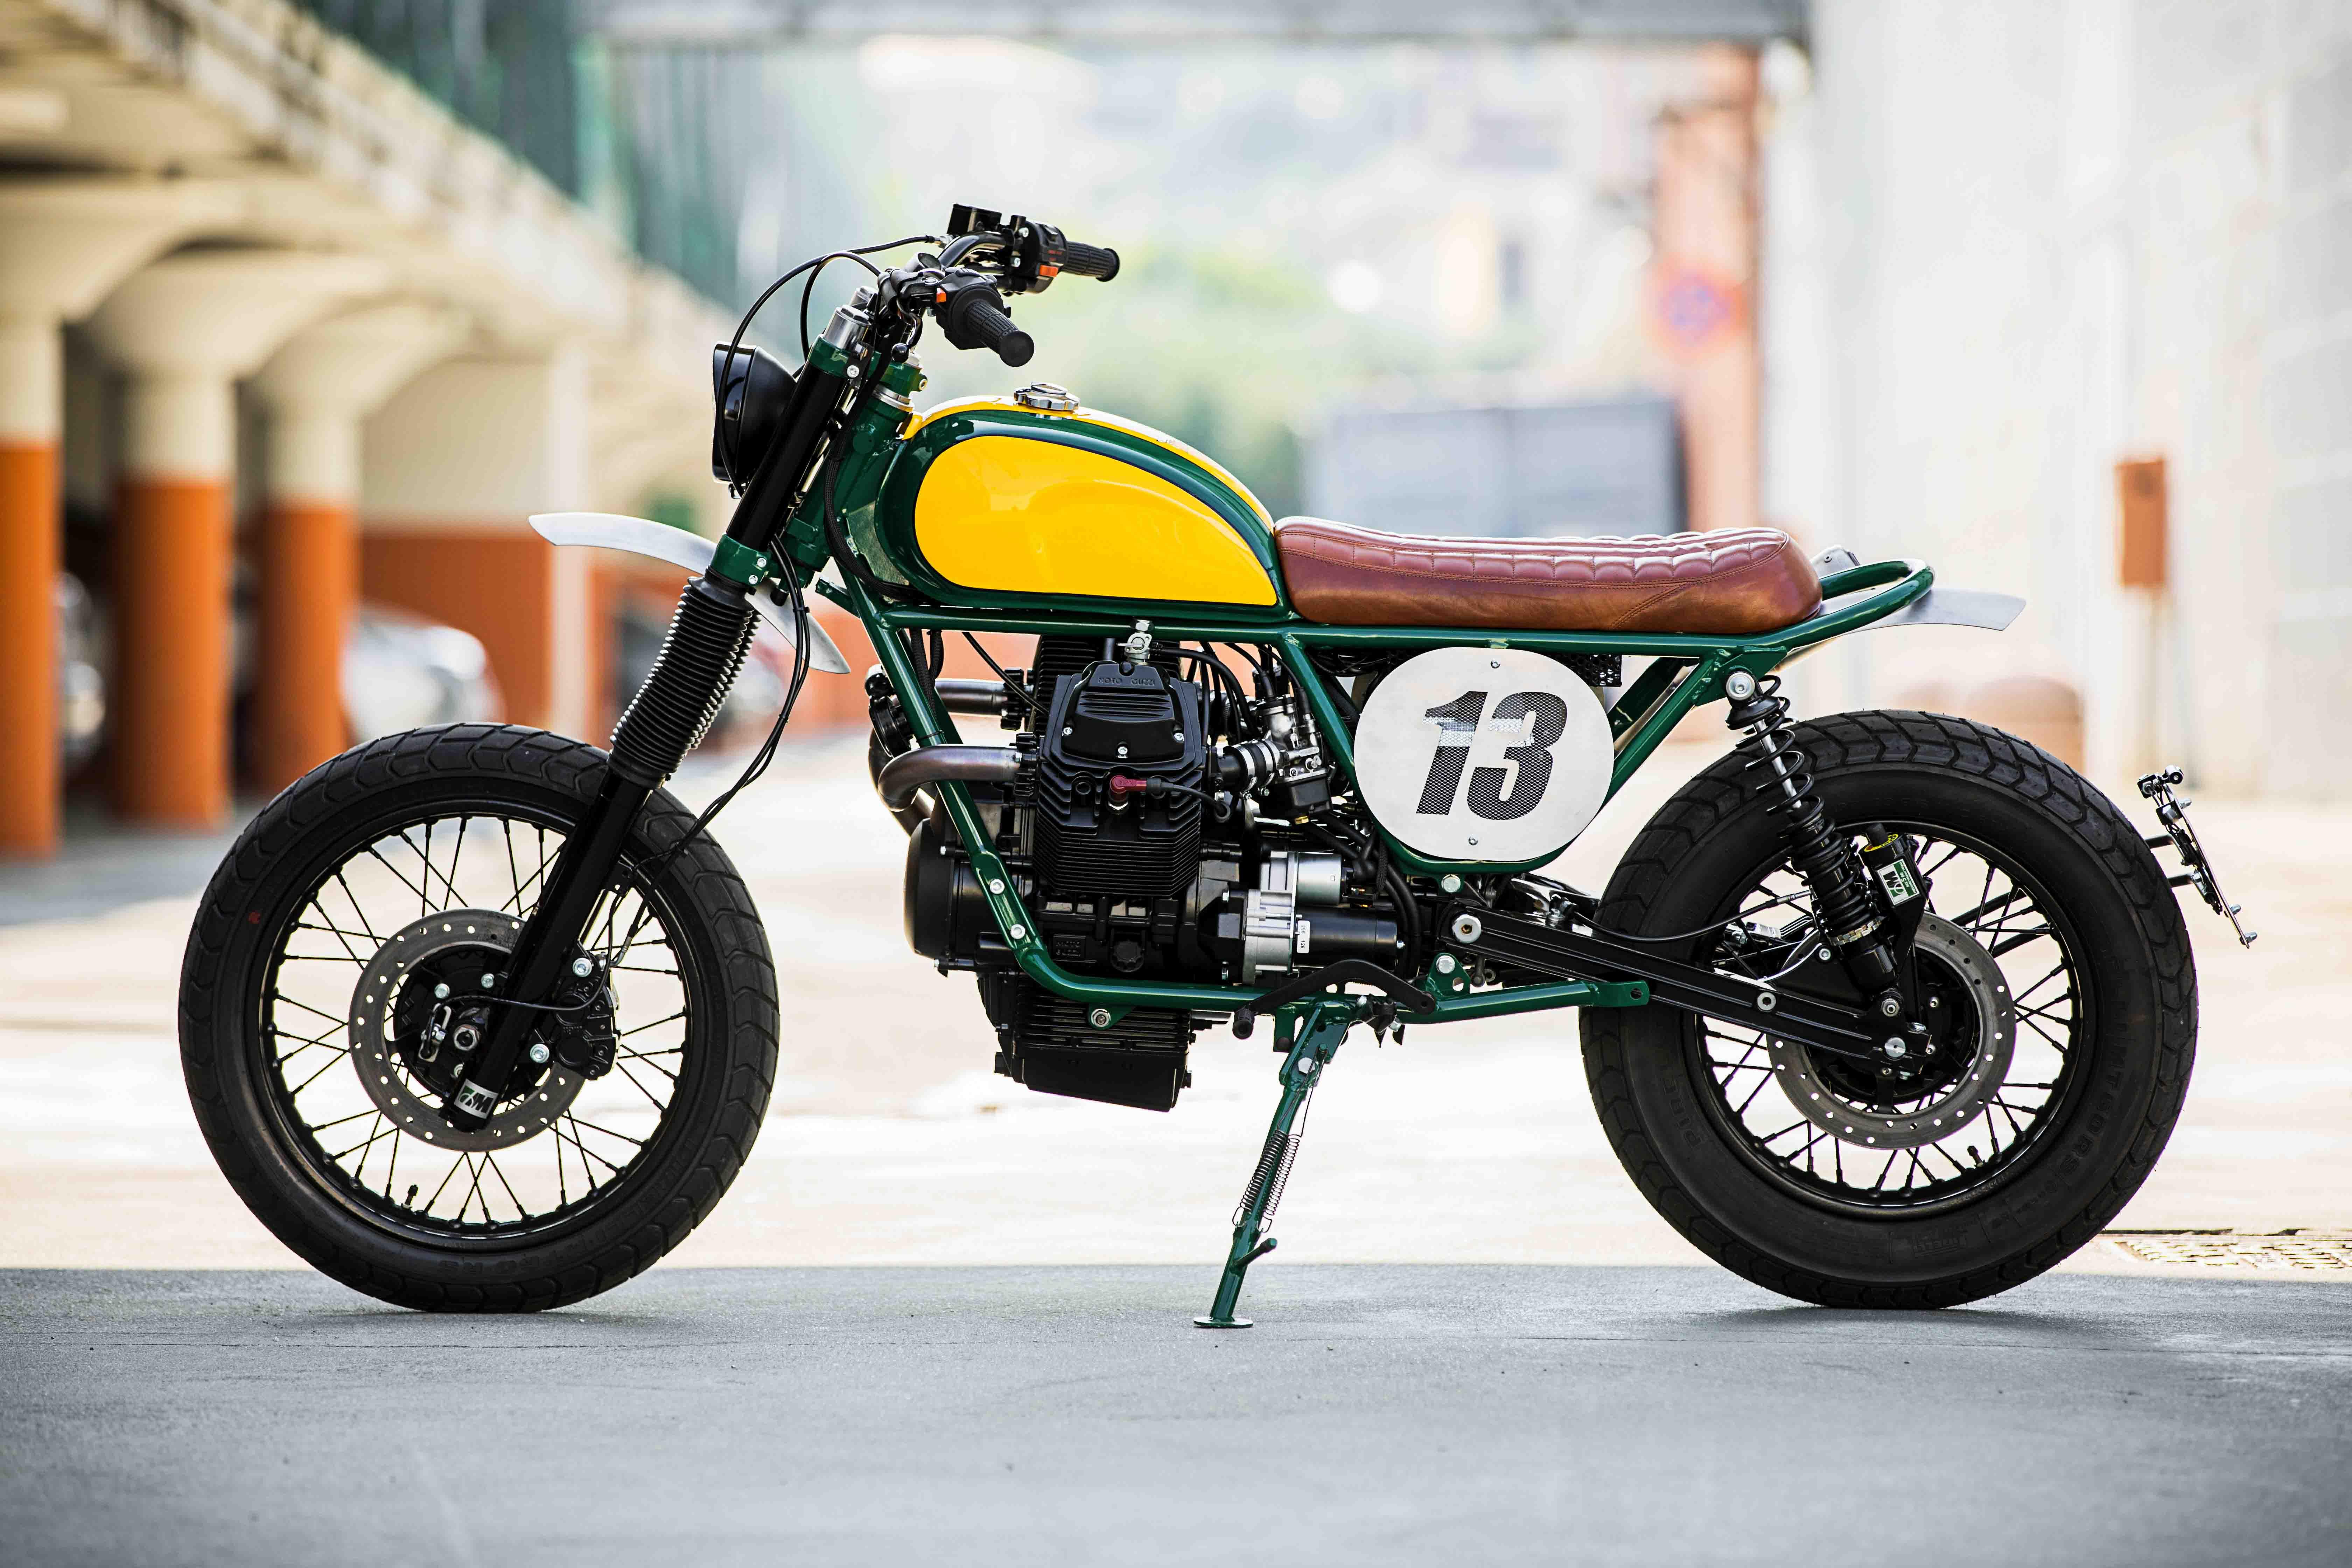 Bombay-13-Moto-Guzzi-Rust-and-Glory-7